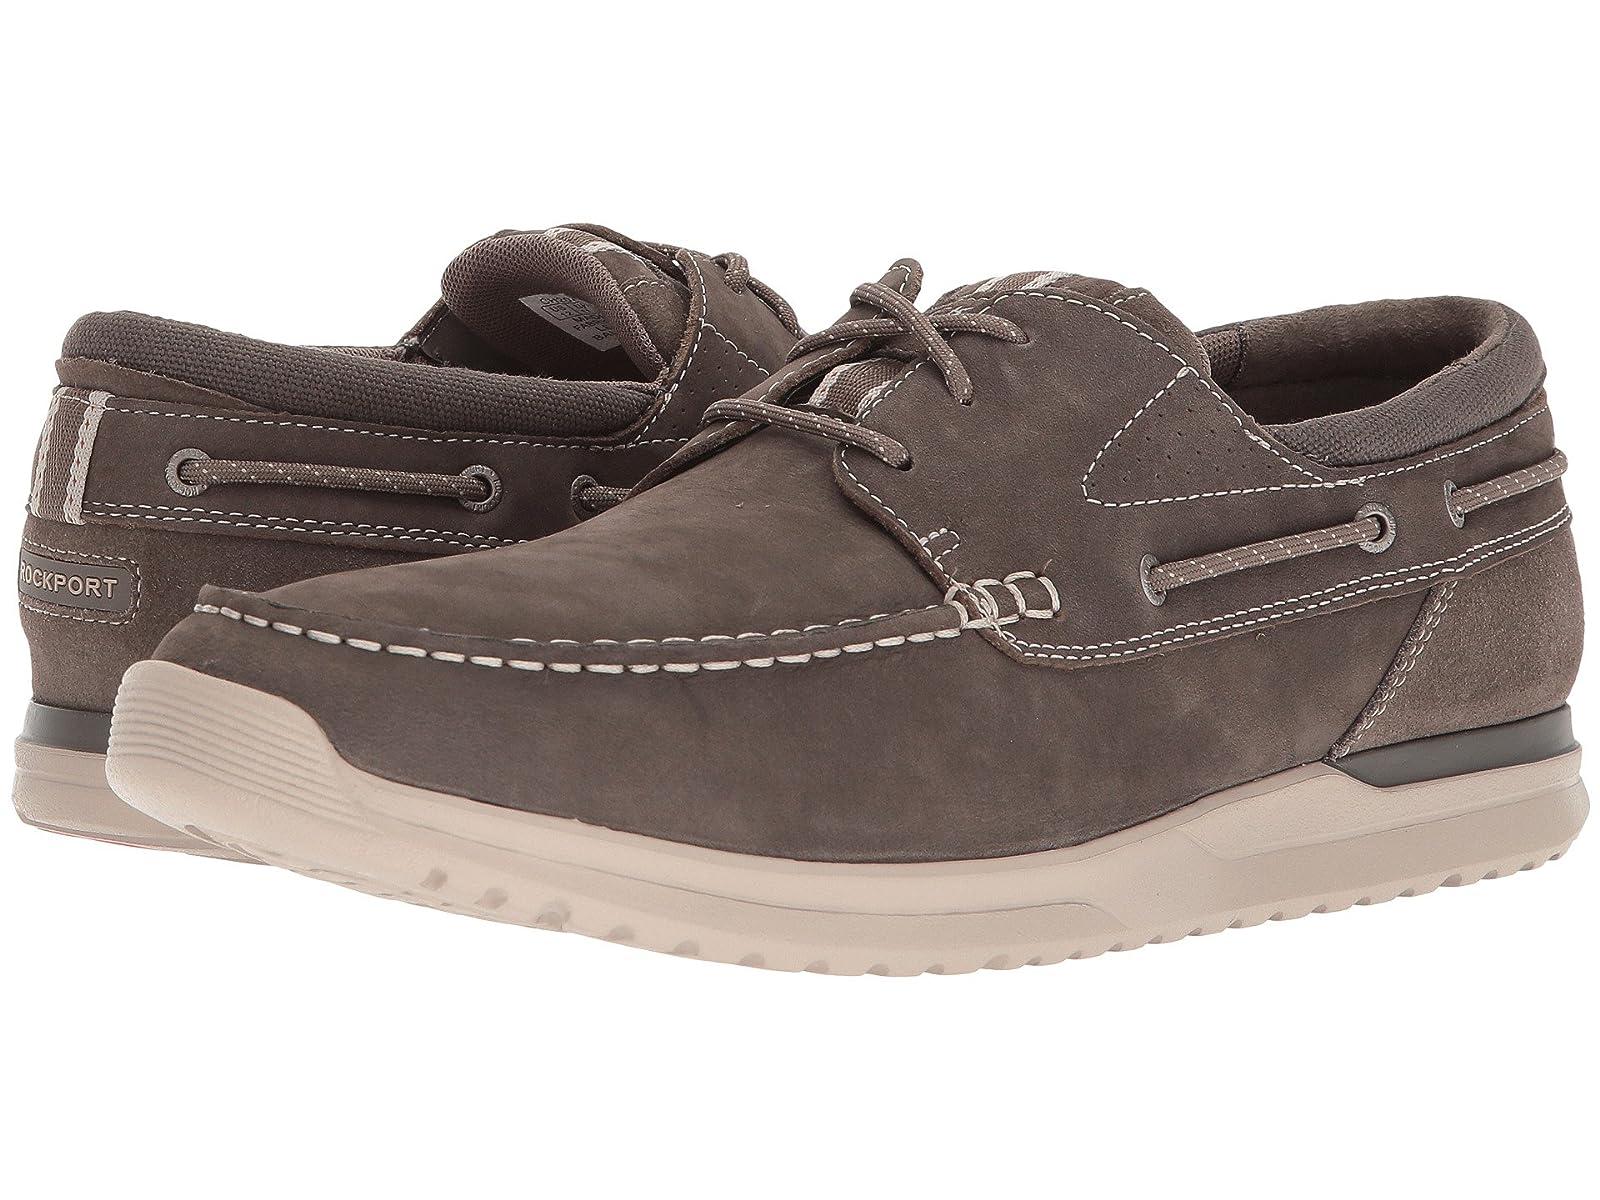 Rockport Langdon 3 Eye OxSelling fashionable and eye-catching shoes